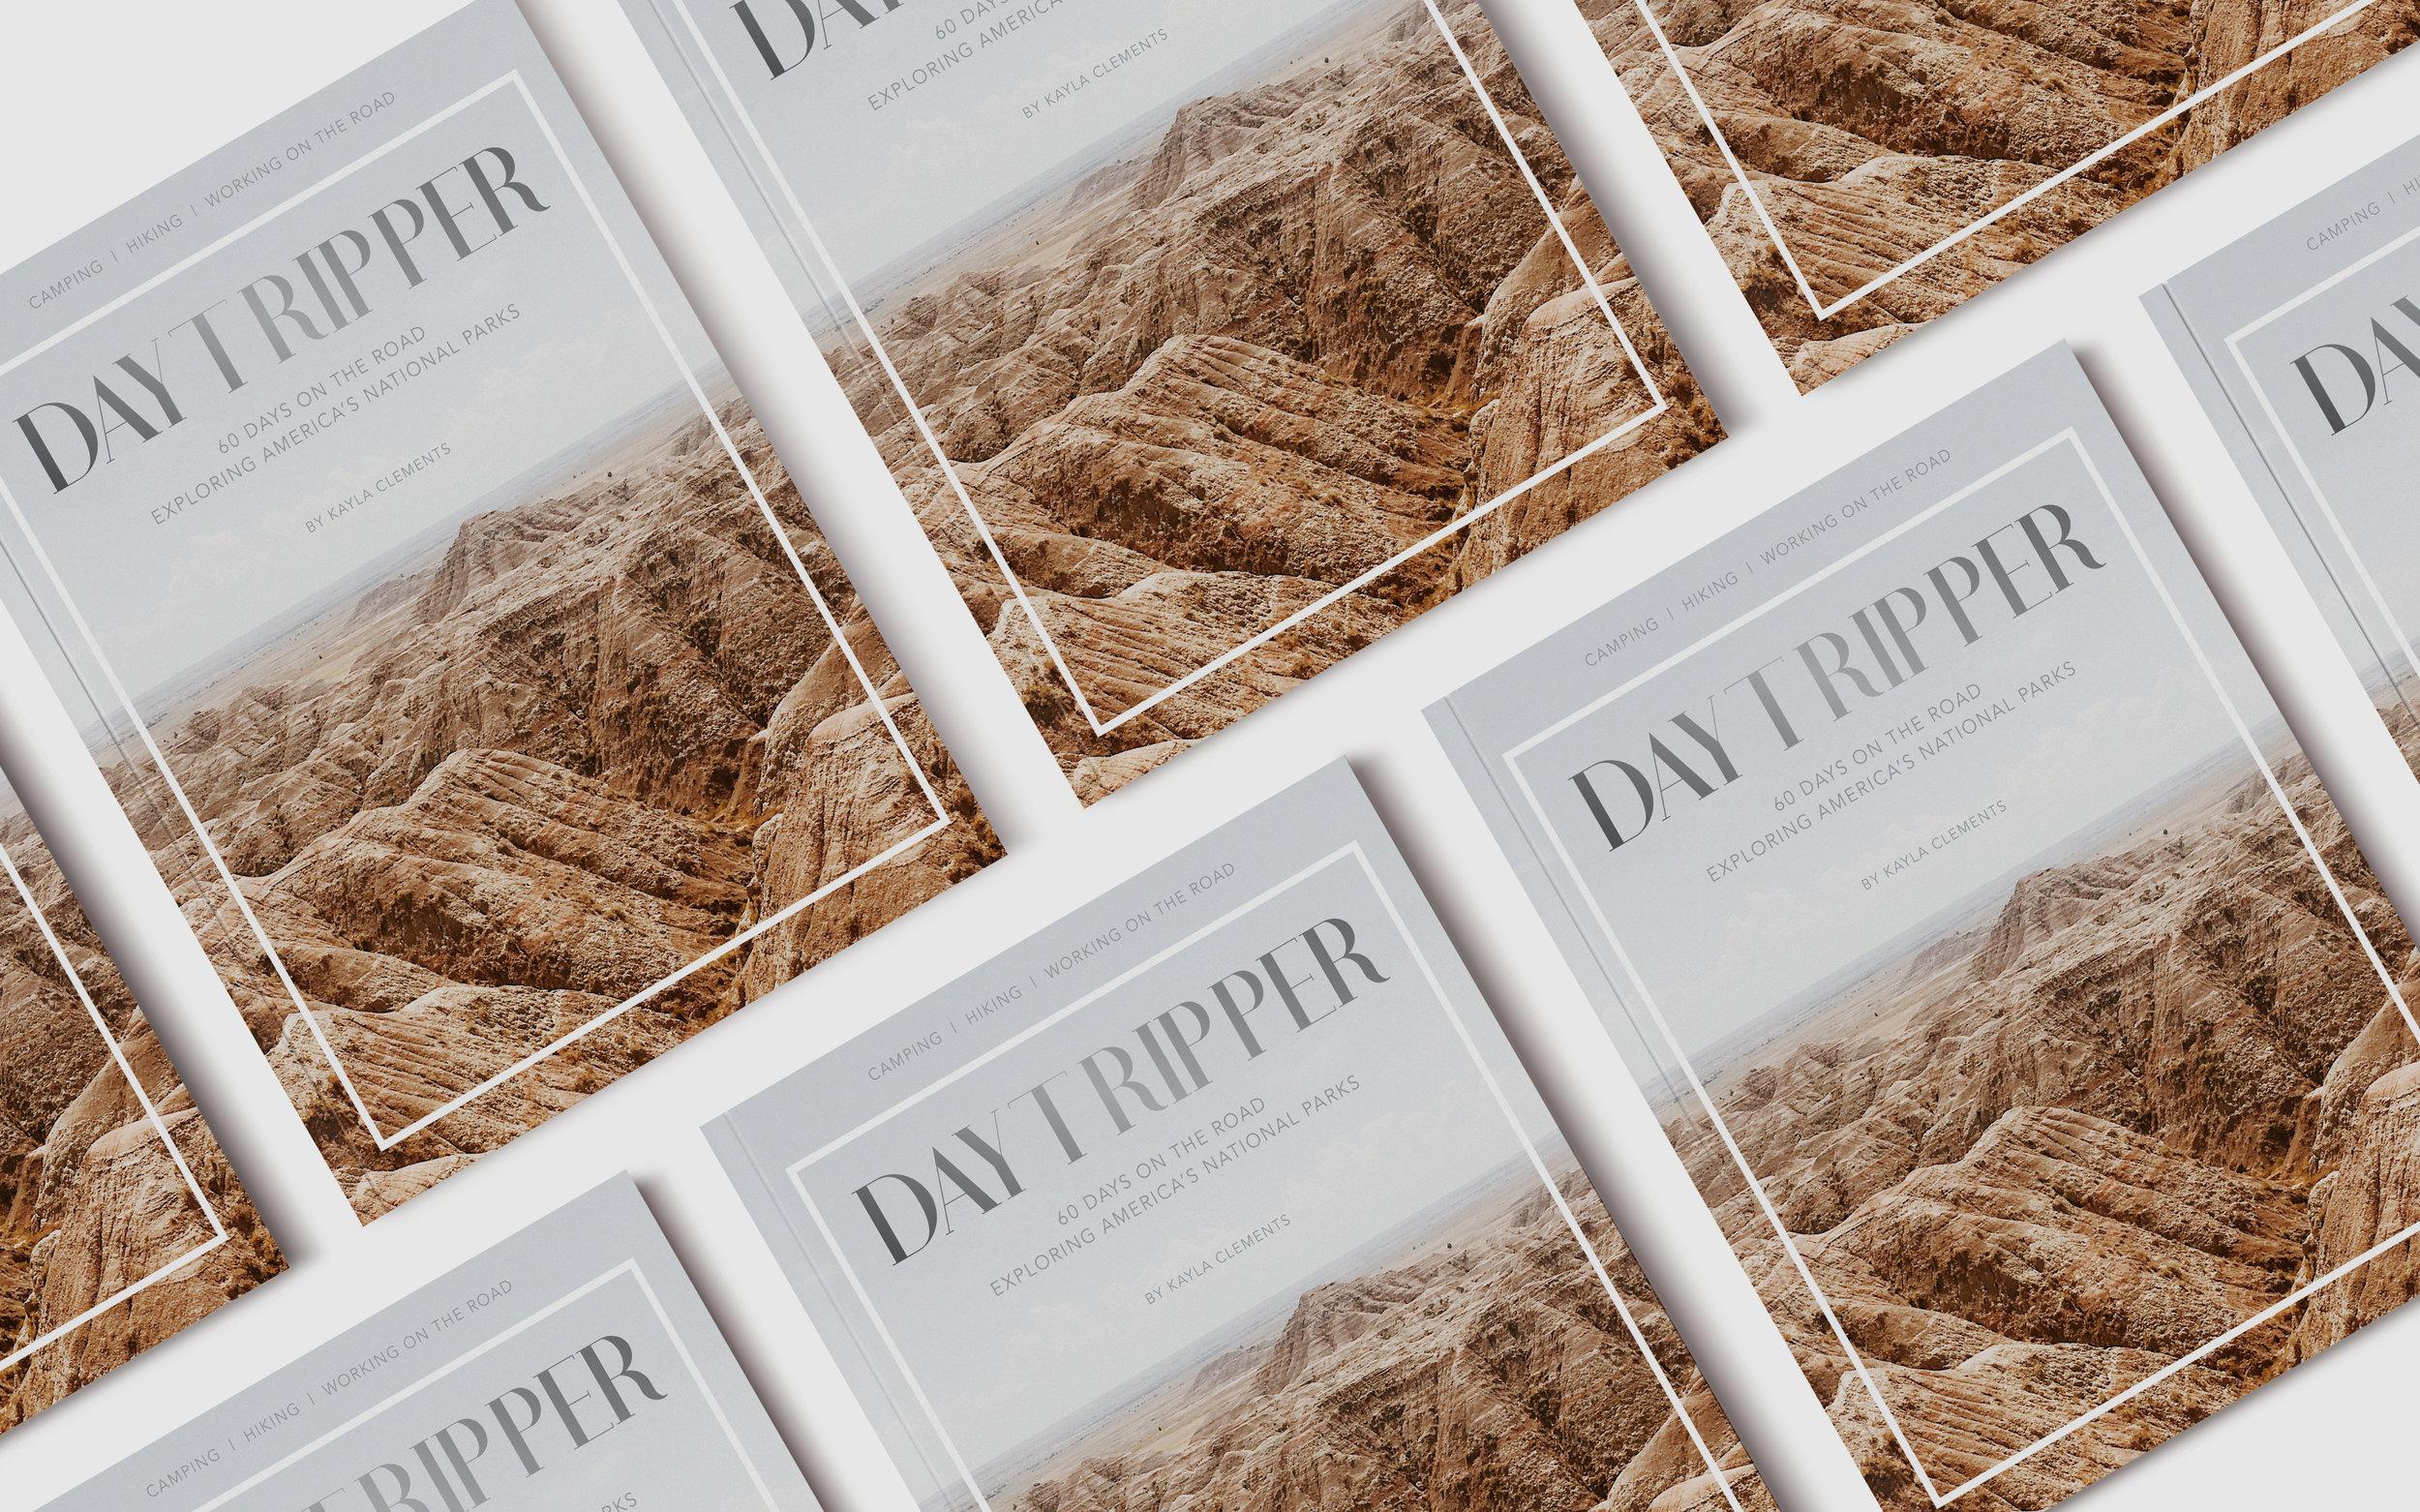 Daytripper-book.jpg